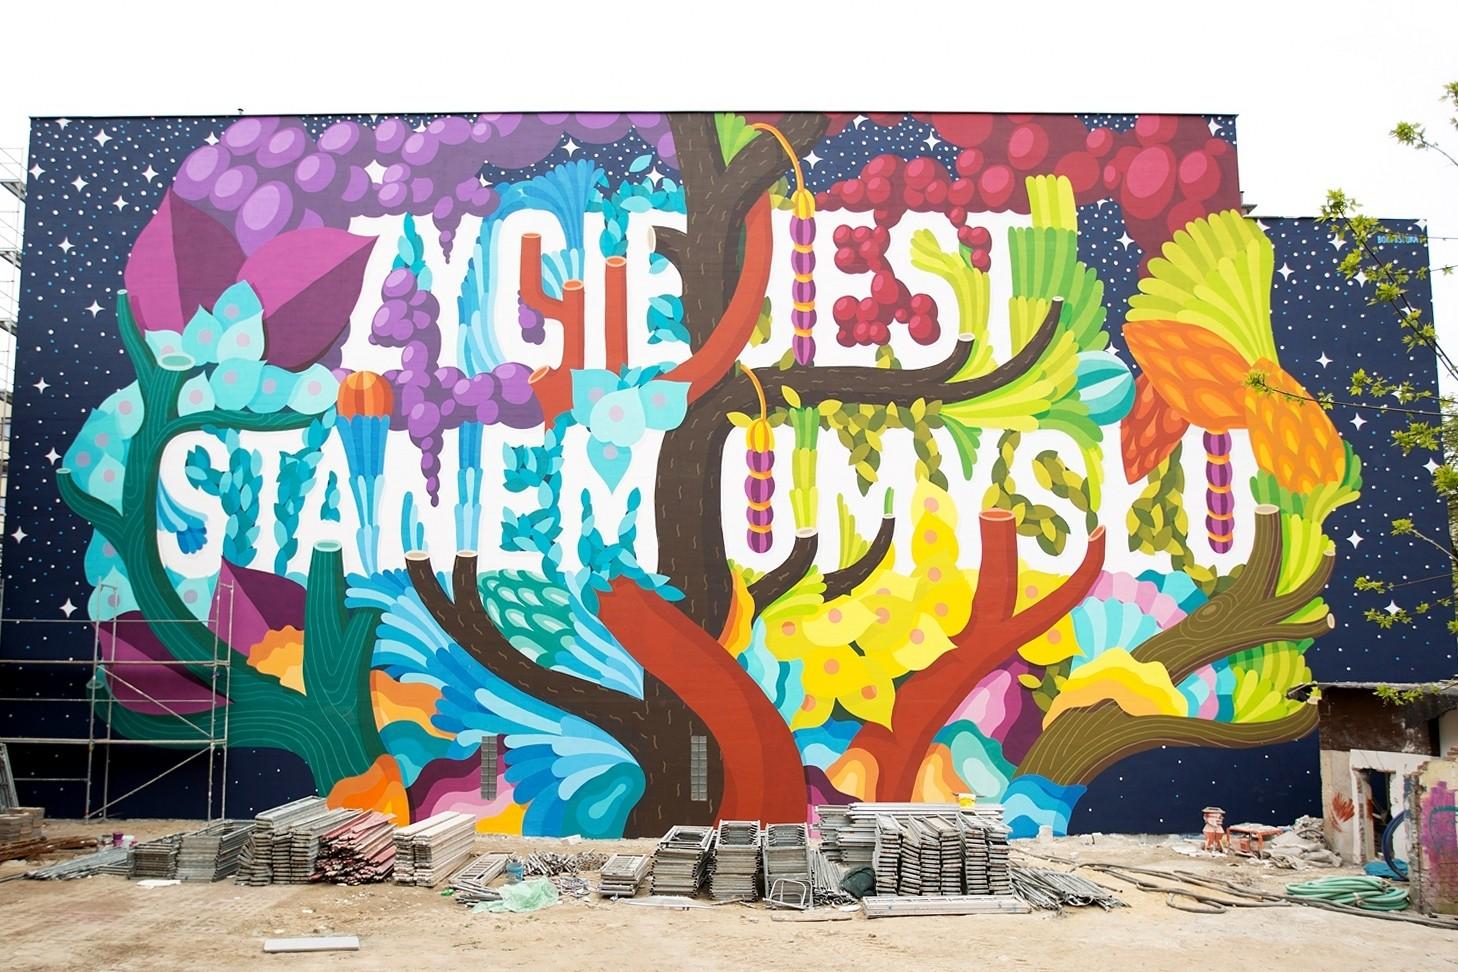 BOA MISTURA (Spain) Zycie jest stanem umyslu, Lodz Murals 2016 1